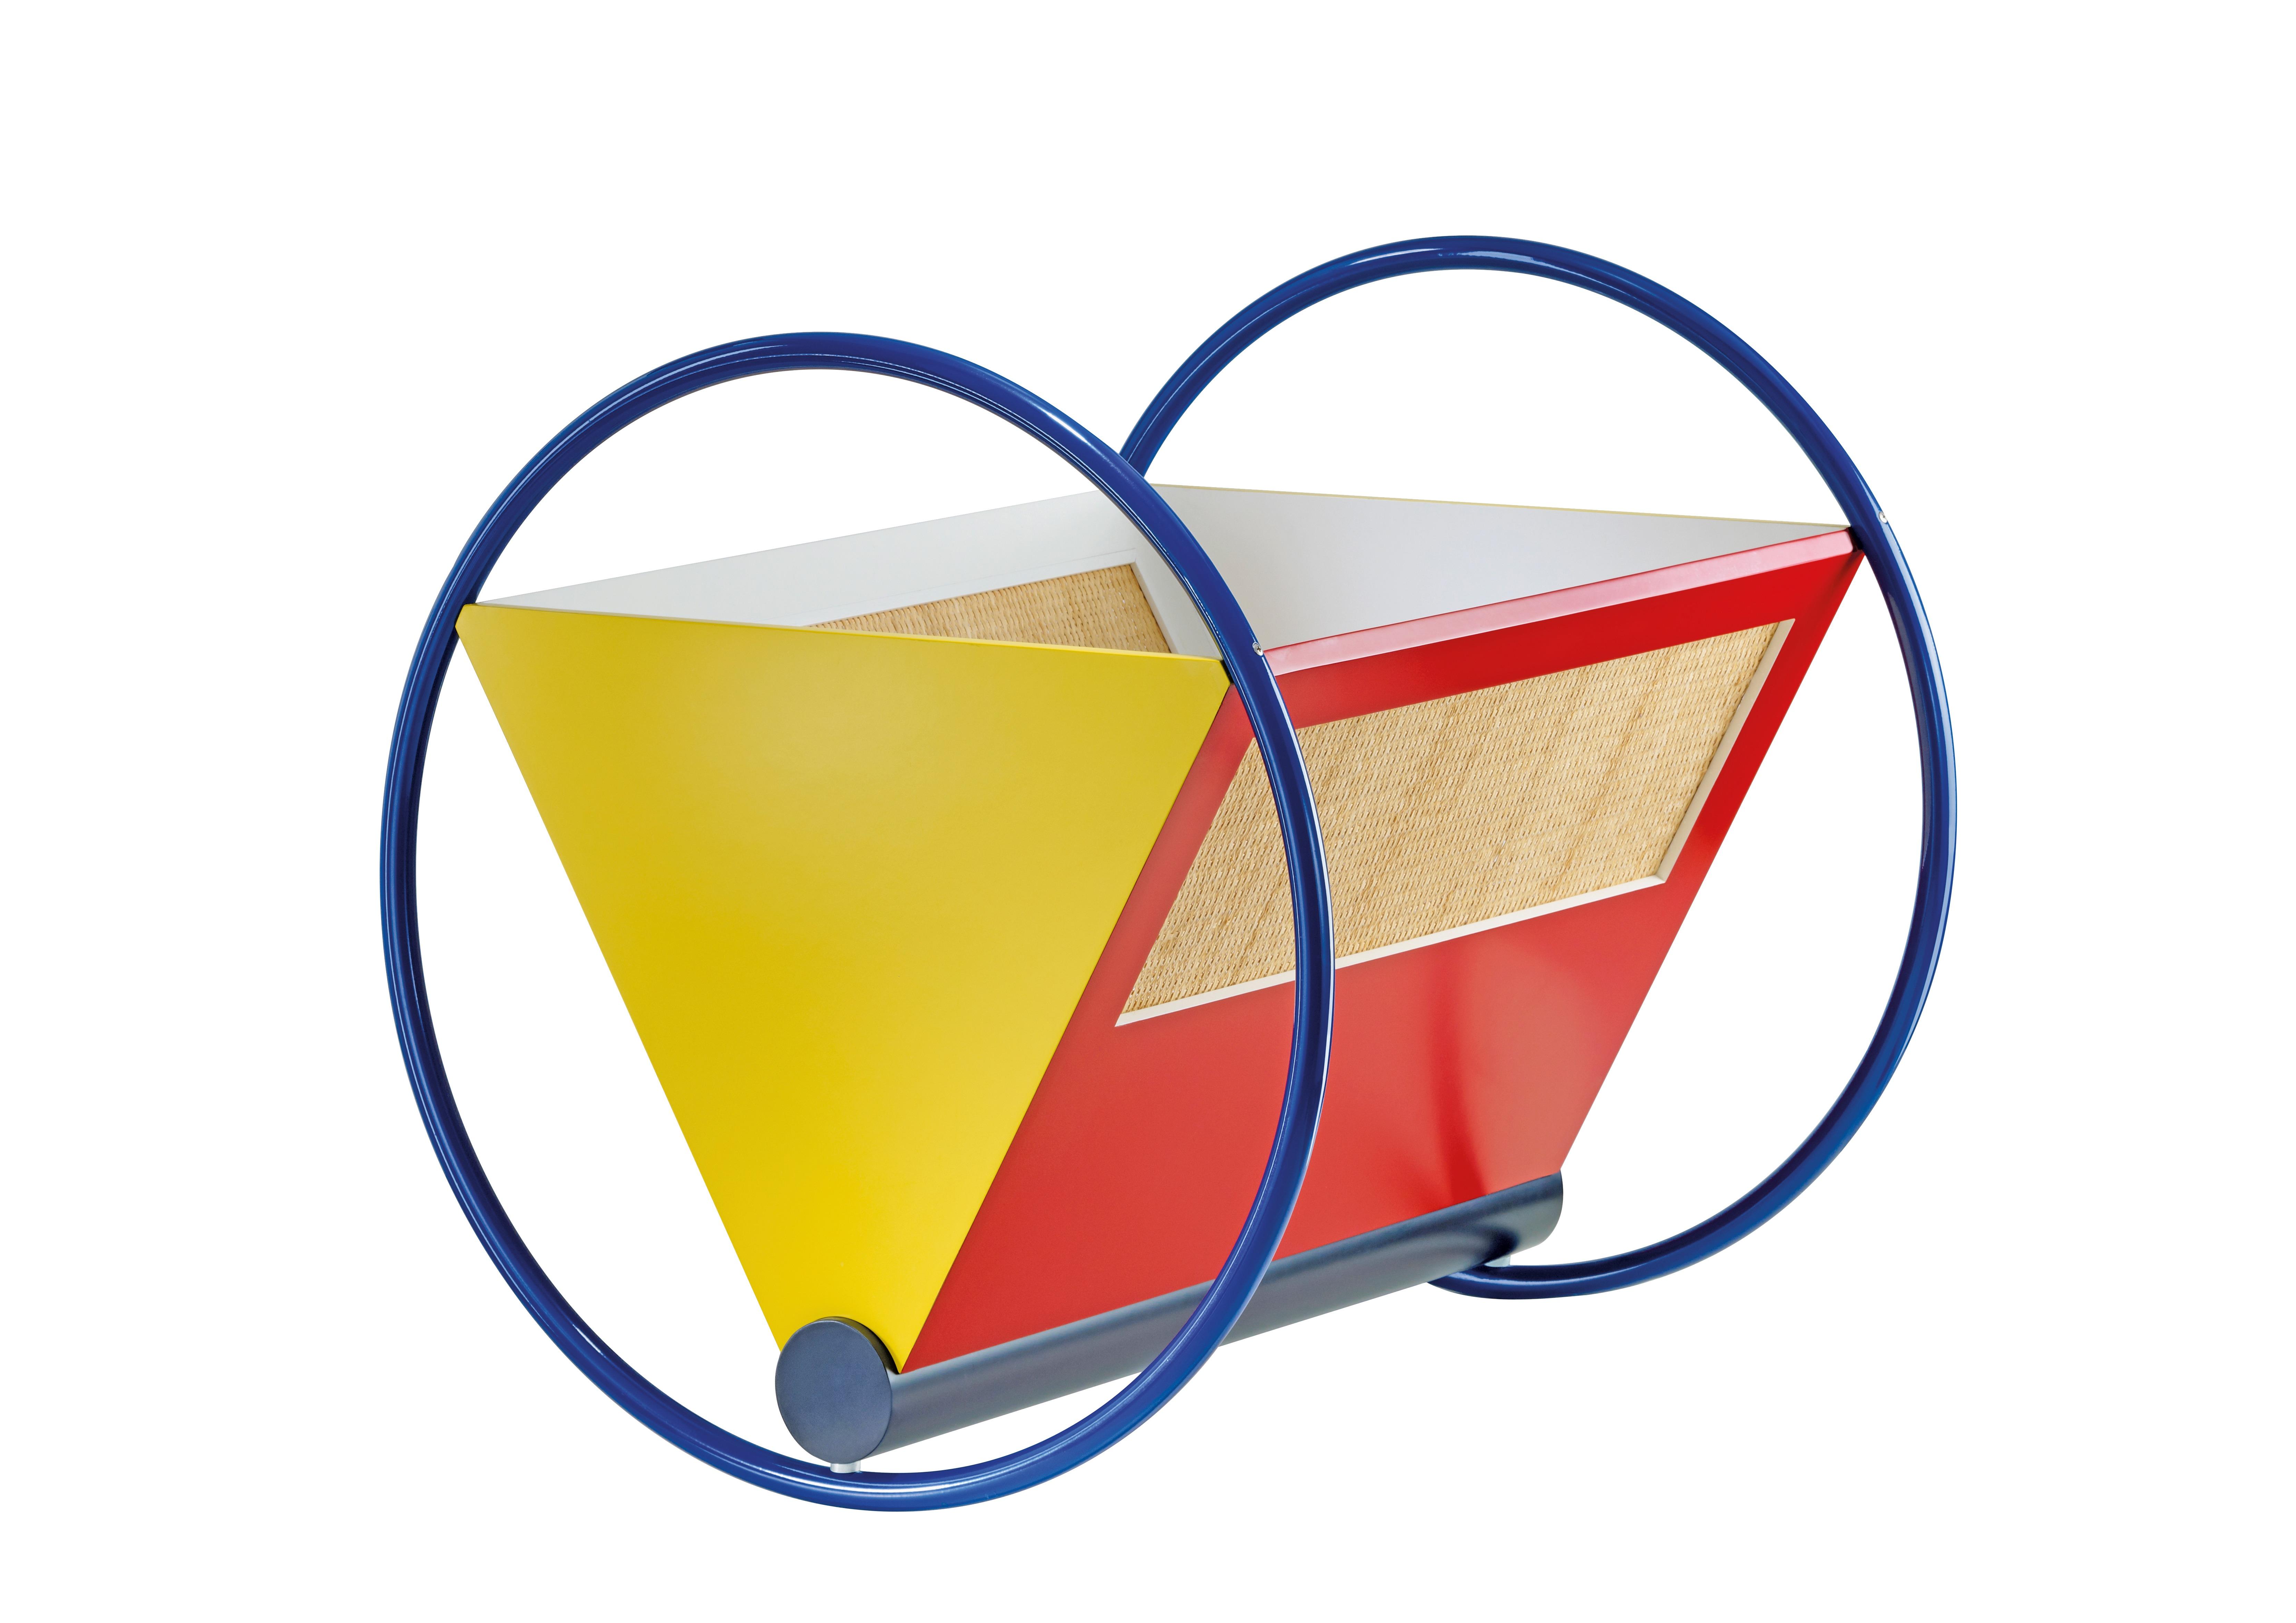 Geometrie als Inspirationsquelle: Die Babywiege von Peter Keler setzt sich aus Kreisen, Dreiecken und Rechtecken zusammen. BILDER: Thonet/Tecta/dpa-tmn